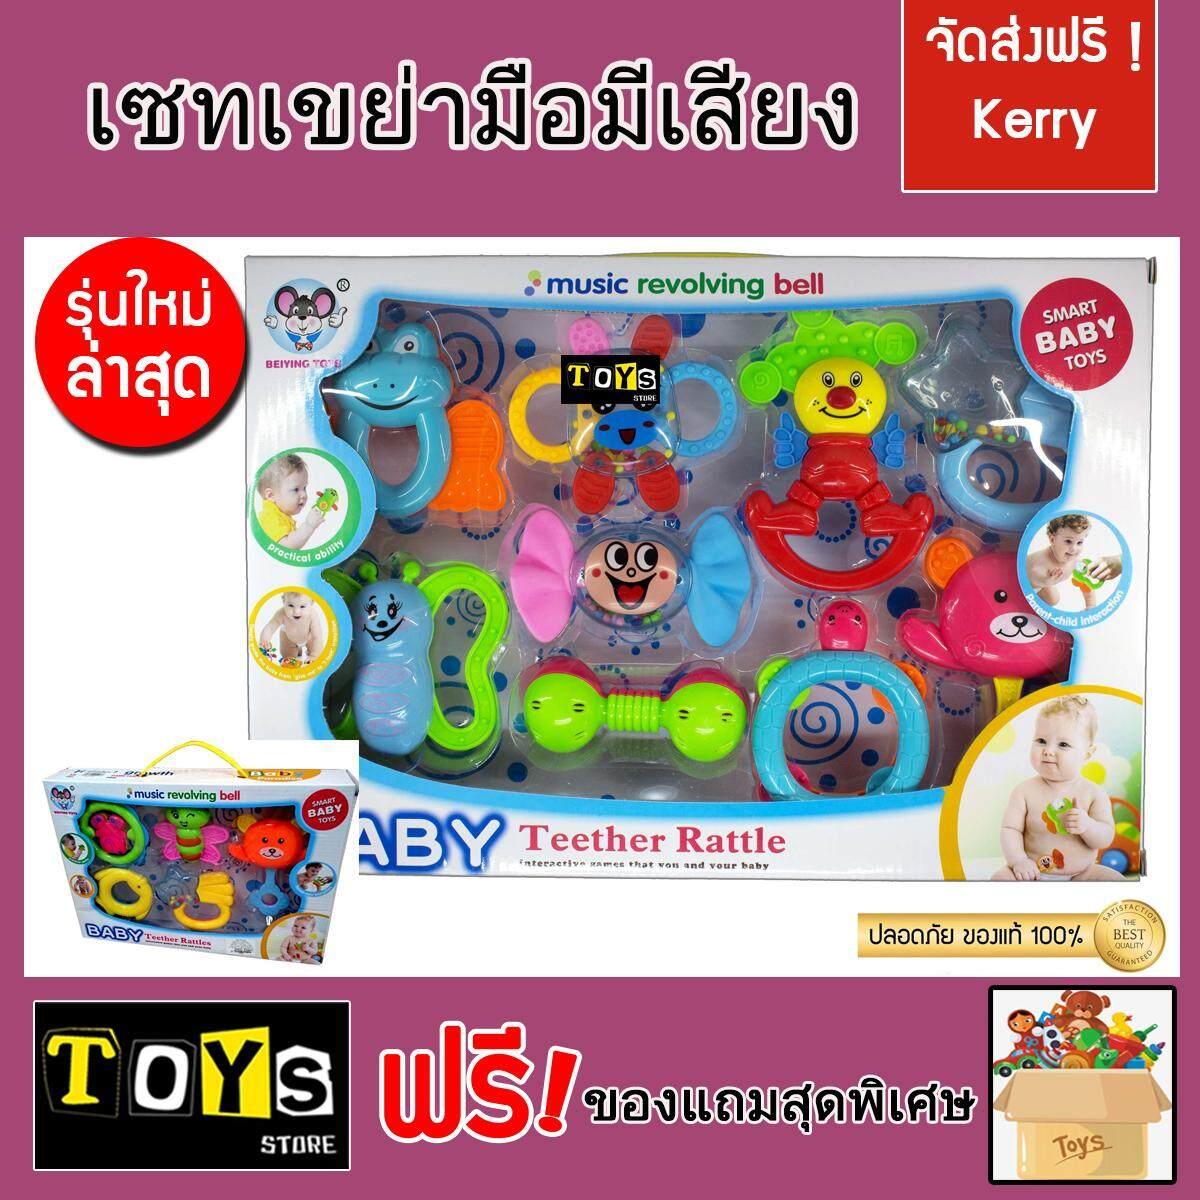 ลดสุดๆ ของเล่นเขย่ามีเสียง เขย่ามือเด็กมีเสียง ของเล่นเด็ก กระดิ่งมือสำหรับเด็ก ของเล่นเขย่าการฝึกพัฒนาการเด็ก ของเล่นเด็ก ของเล่นเด็กของเล่นเด็กโต ของเล่นเด็ก3ขวบ ของเล่นเด็ก10 ขวบ ของเล่นเด็ก5ขวบ ชุ